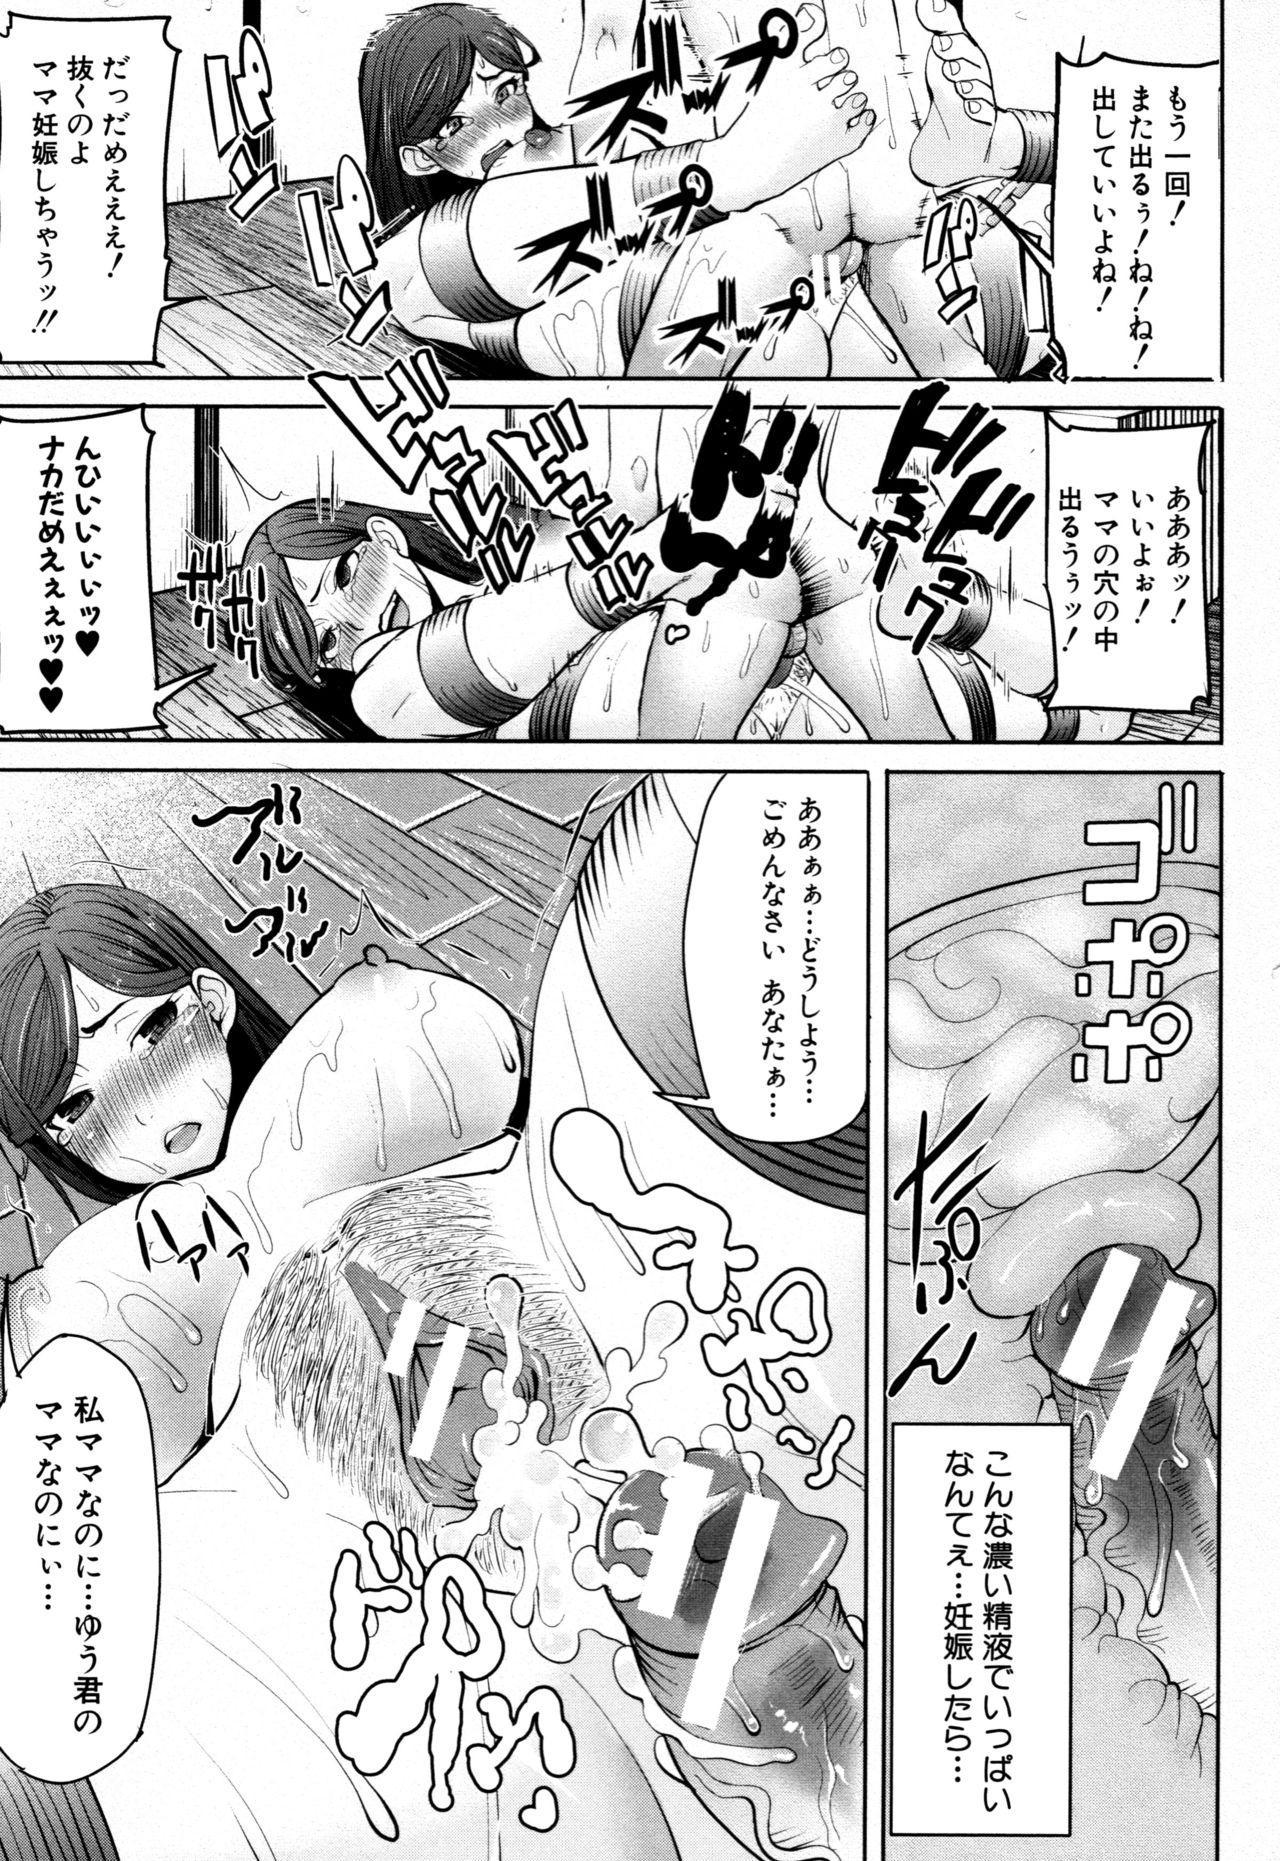 Unsweet - Asahina Ikka Netorareta Haha · Tomoko 48